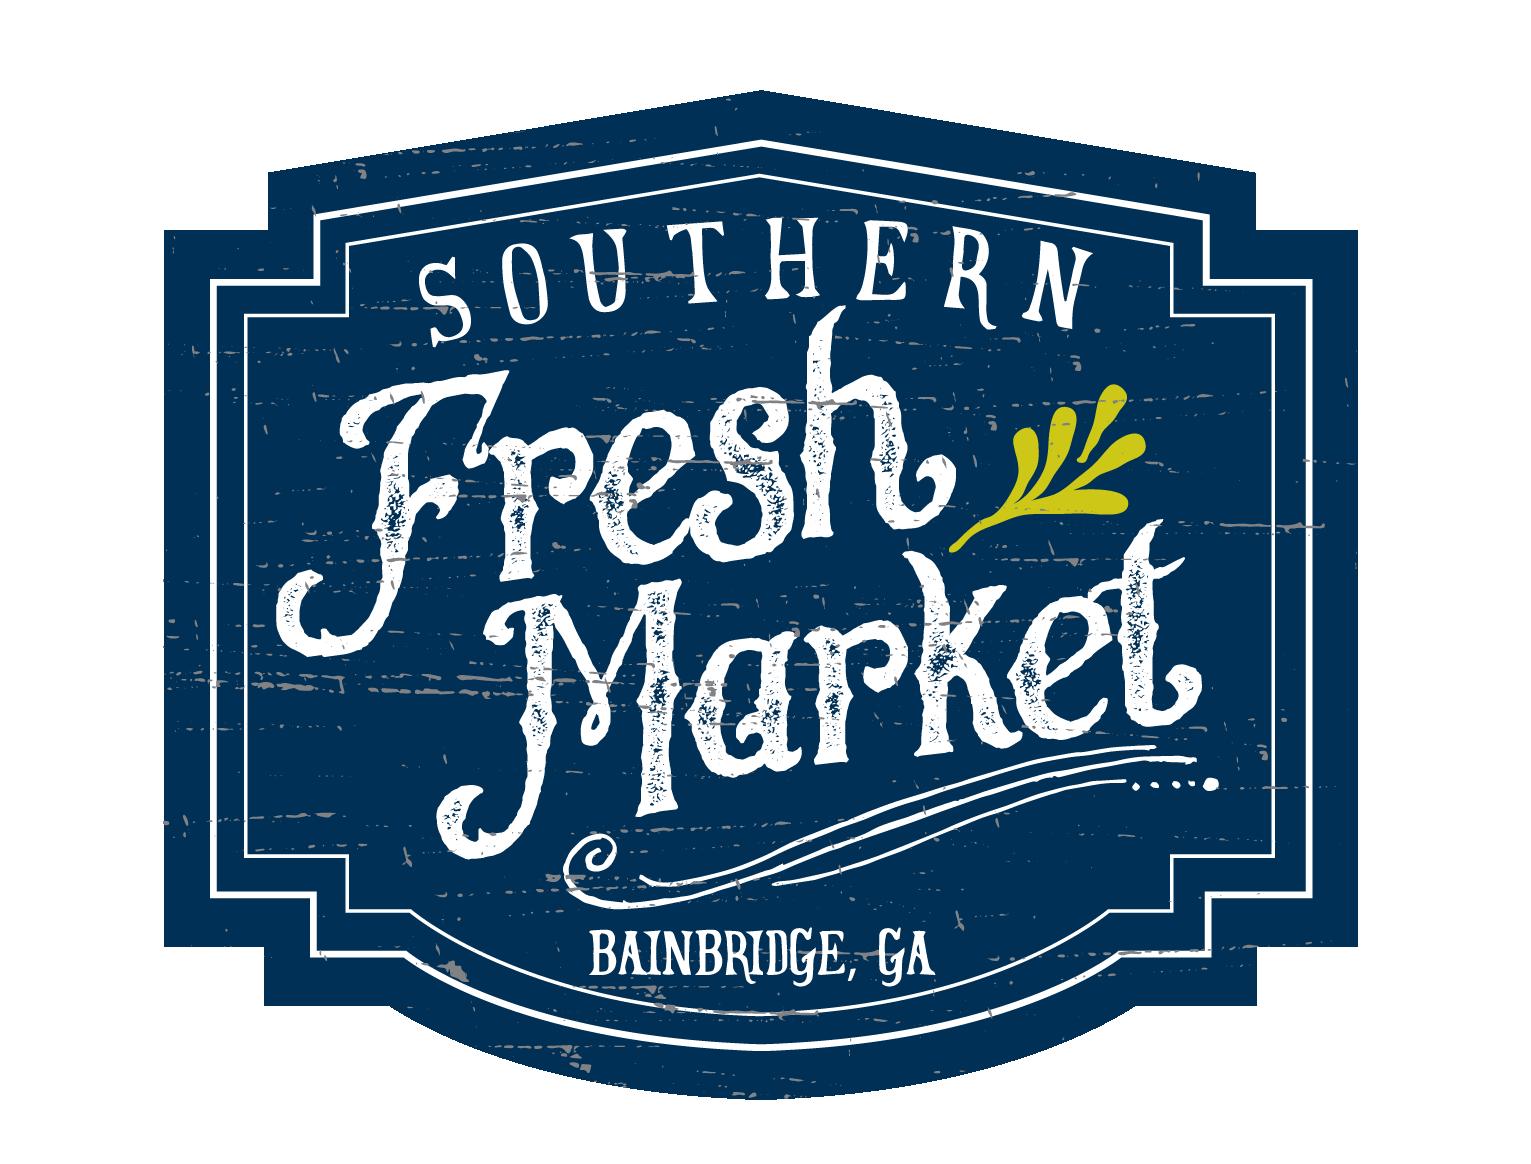 Southern Fresh Market logo - Bdge.png